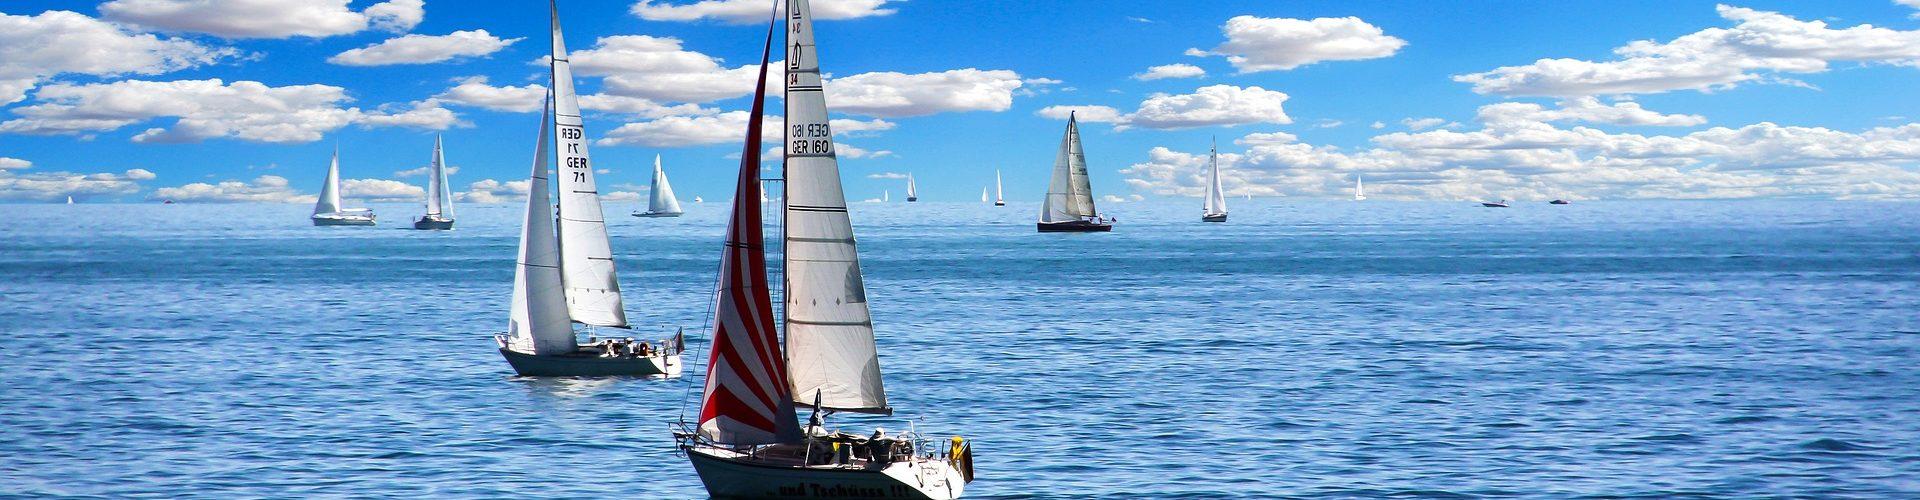 segeln lernen in Krefeld segelschein machen in Krefeld 1920x500 - Segeln lernen in Krefeld